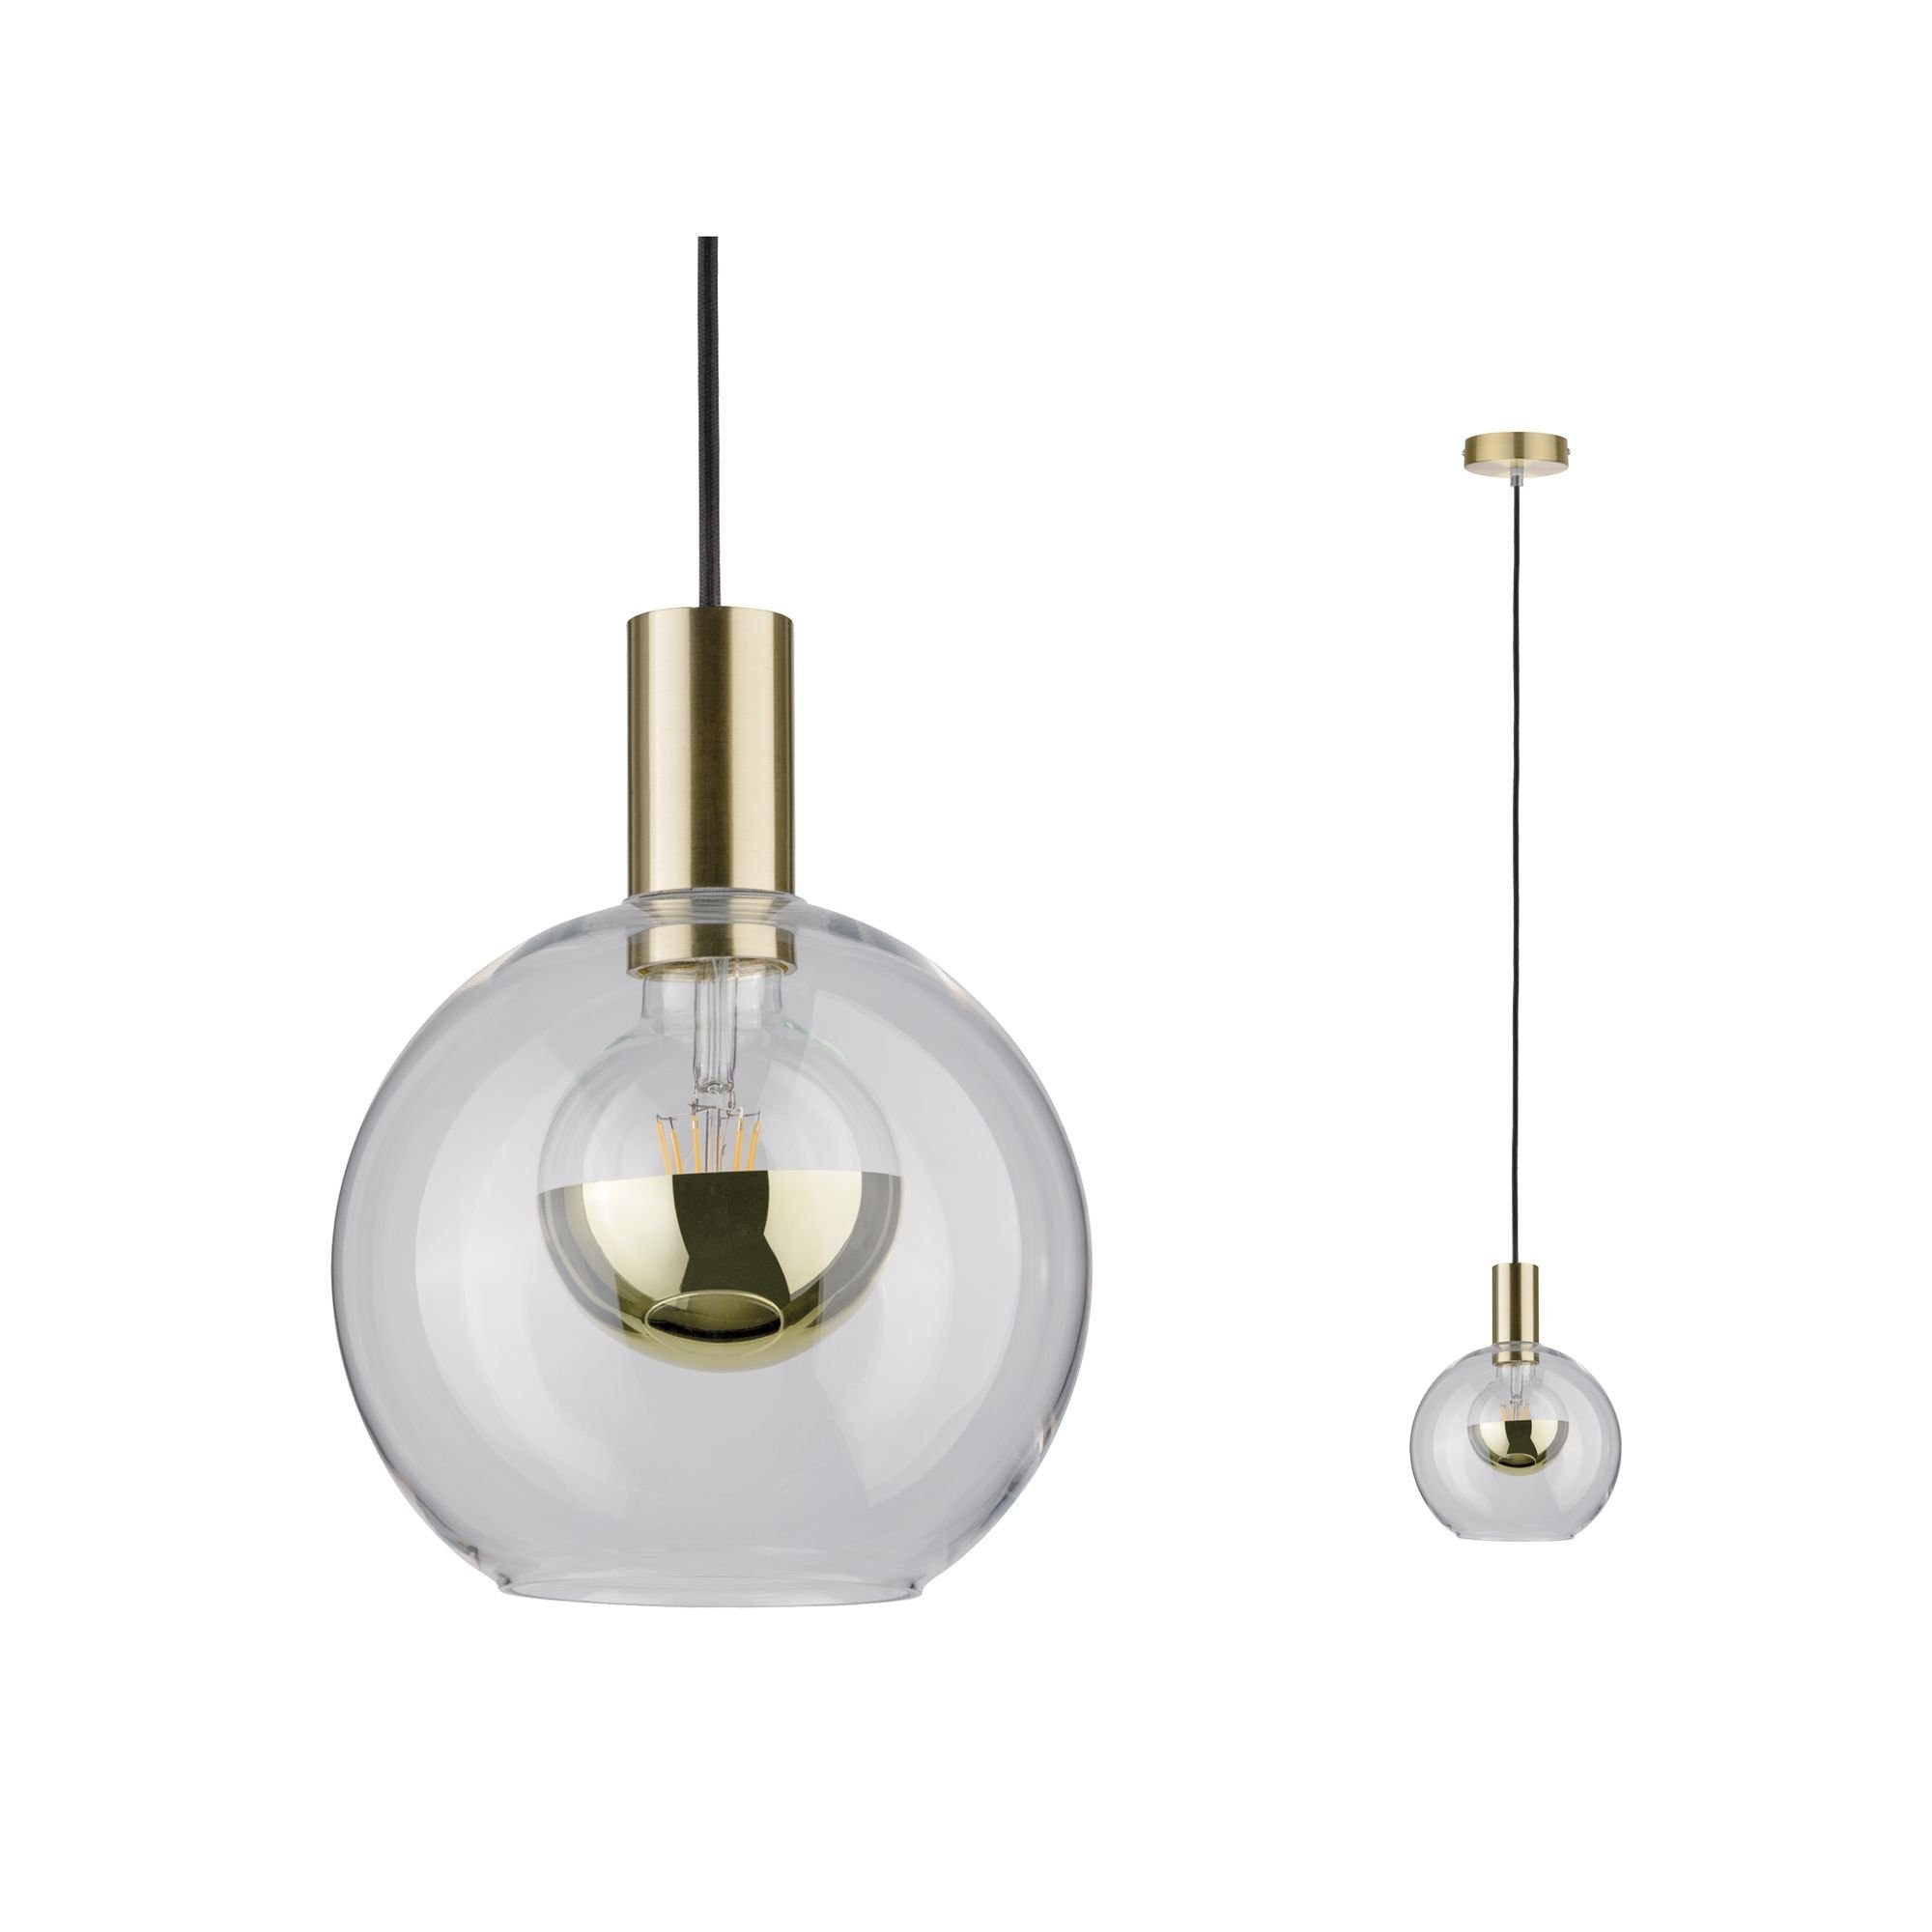 Paulmann,LED Pendelleuchte Esben Klarglas/Messing gebürstet max. 20W E27